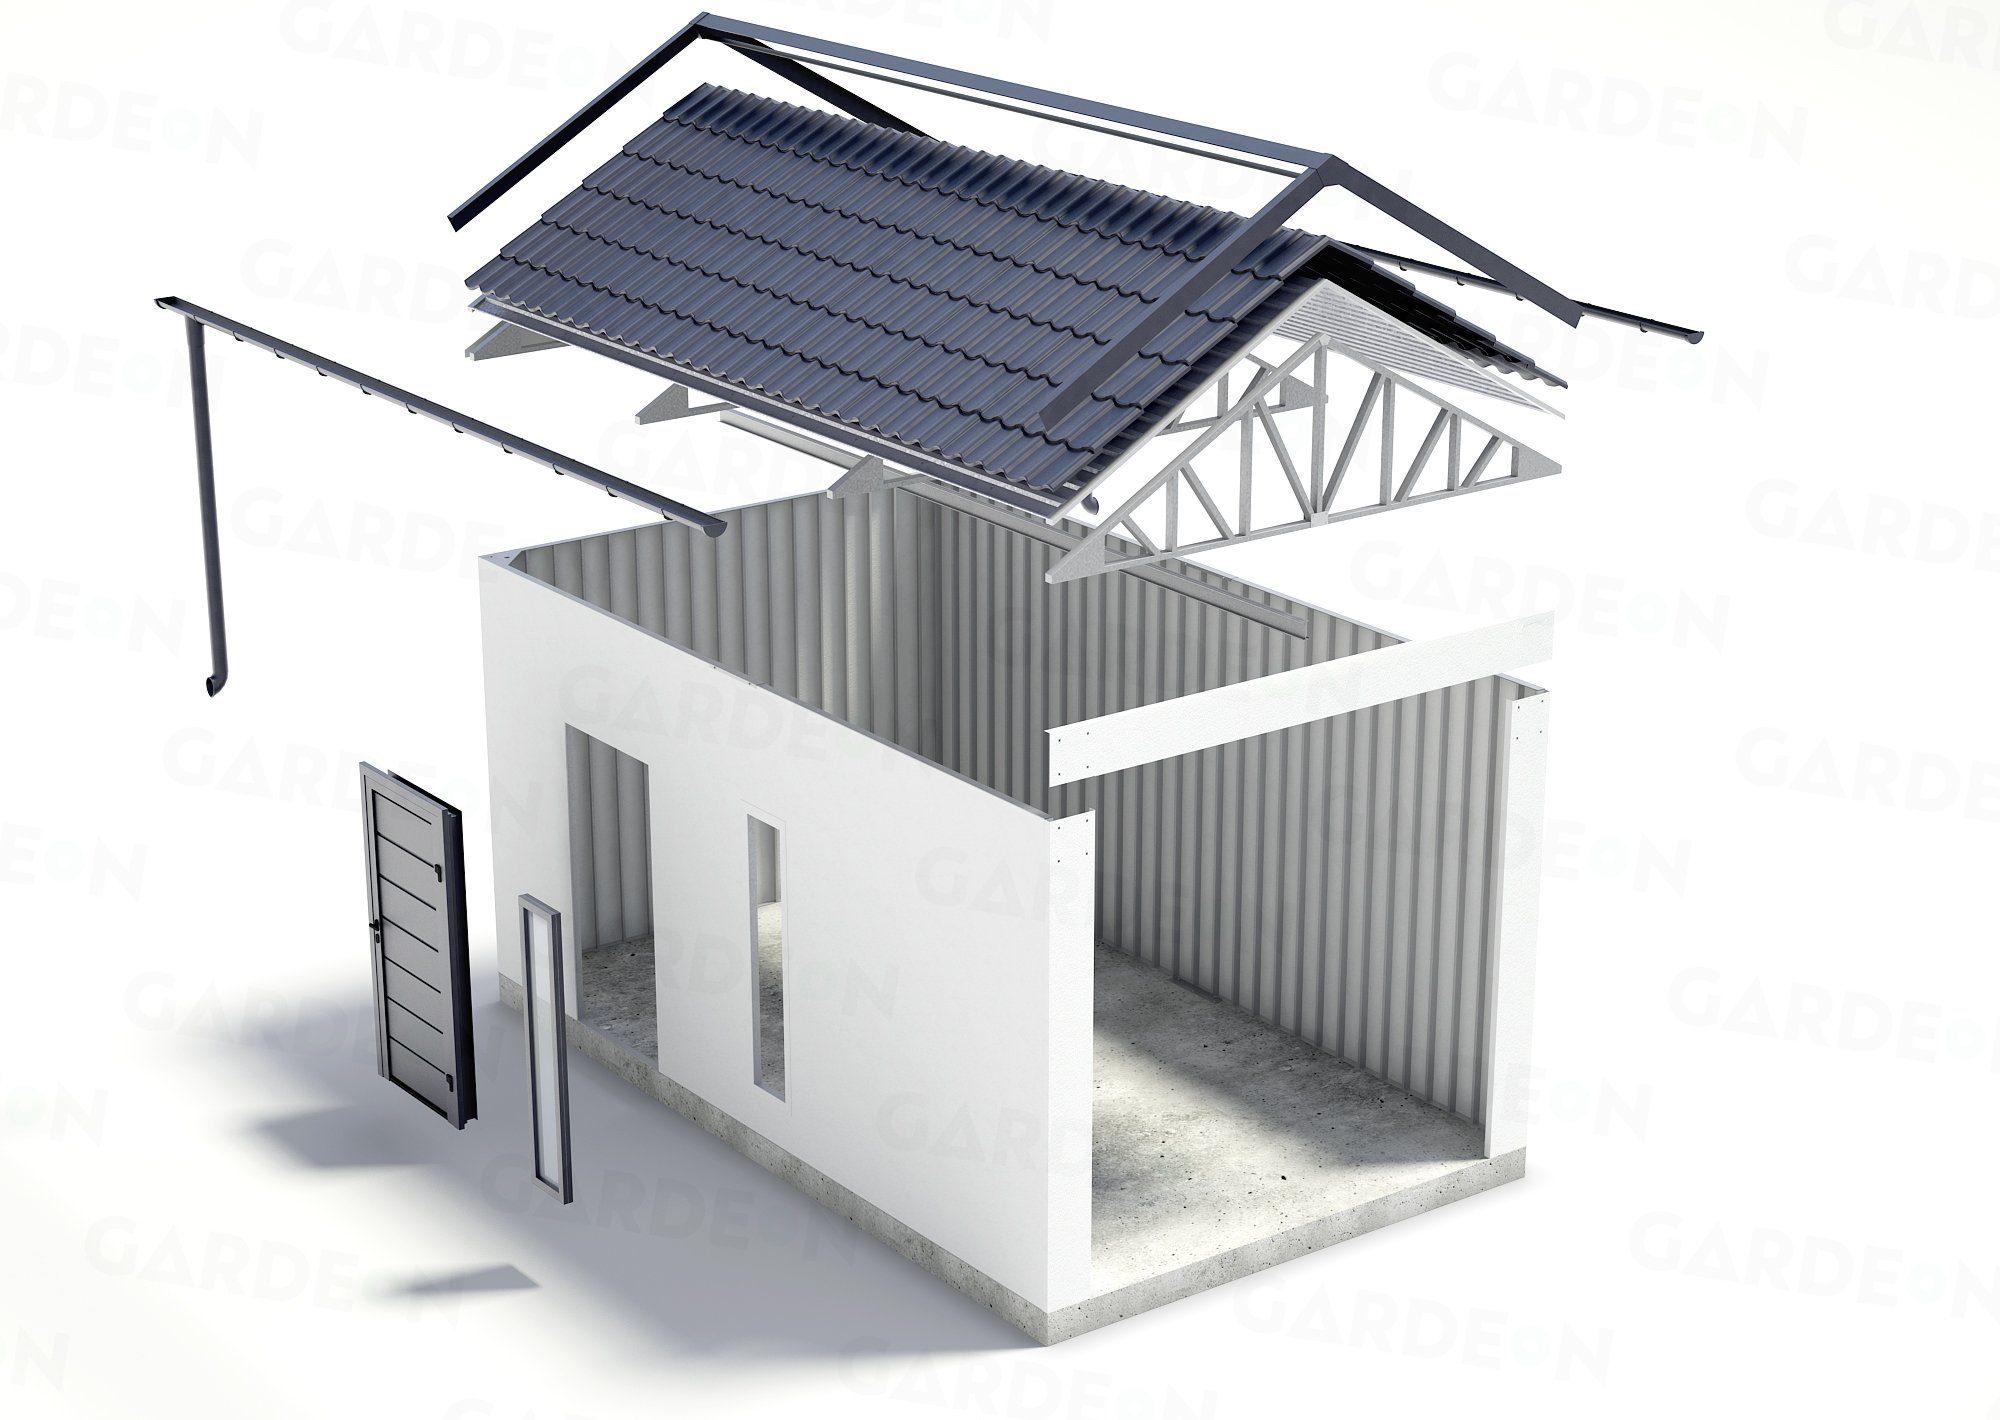 Visualisierung der Garage mit Satteldach